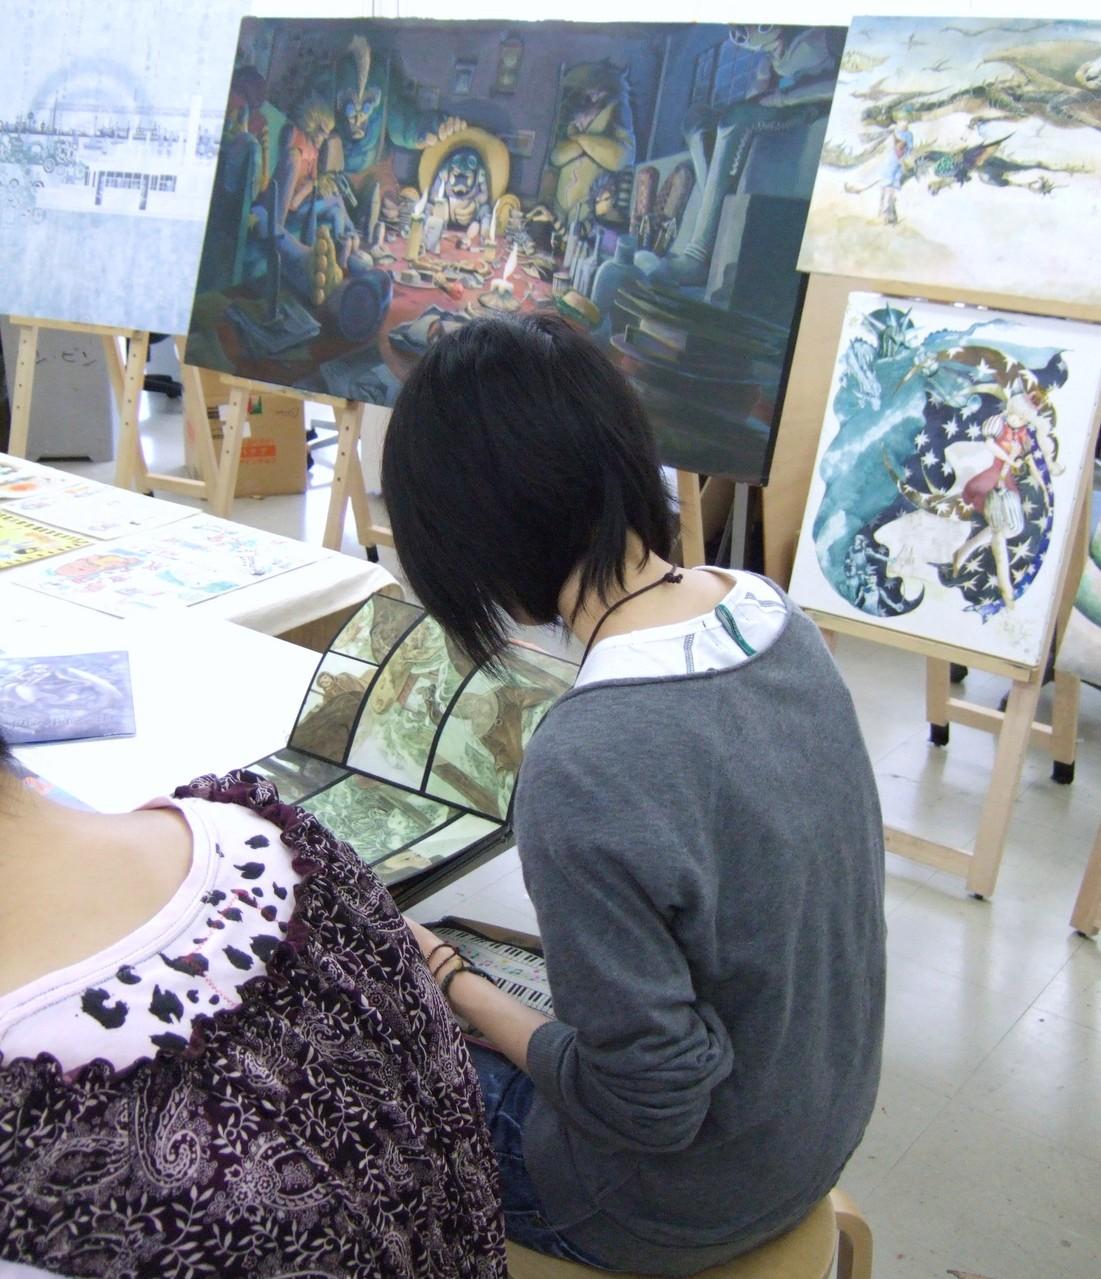 成安造形大学(滋賀県)のイラストレーション領域の卒業制作を鑑賞